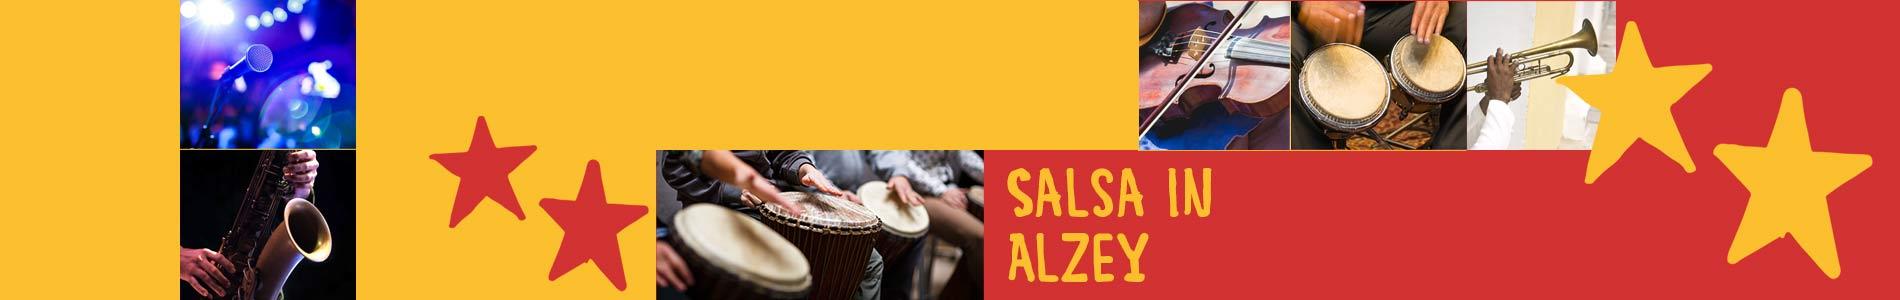 Salsa in Alzey – Salsa lernen und tanzen, Tanzkurse, Partys, Veranstaltungen